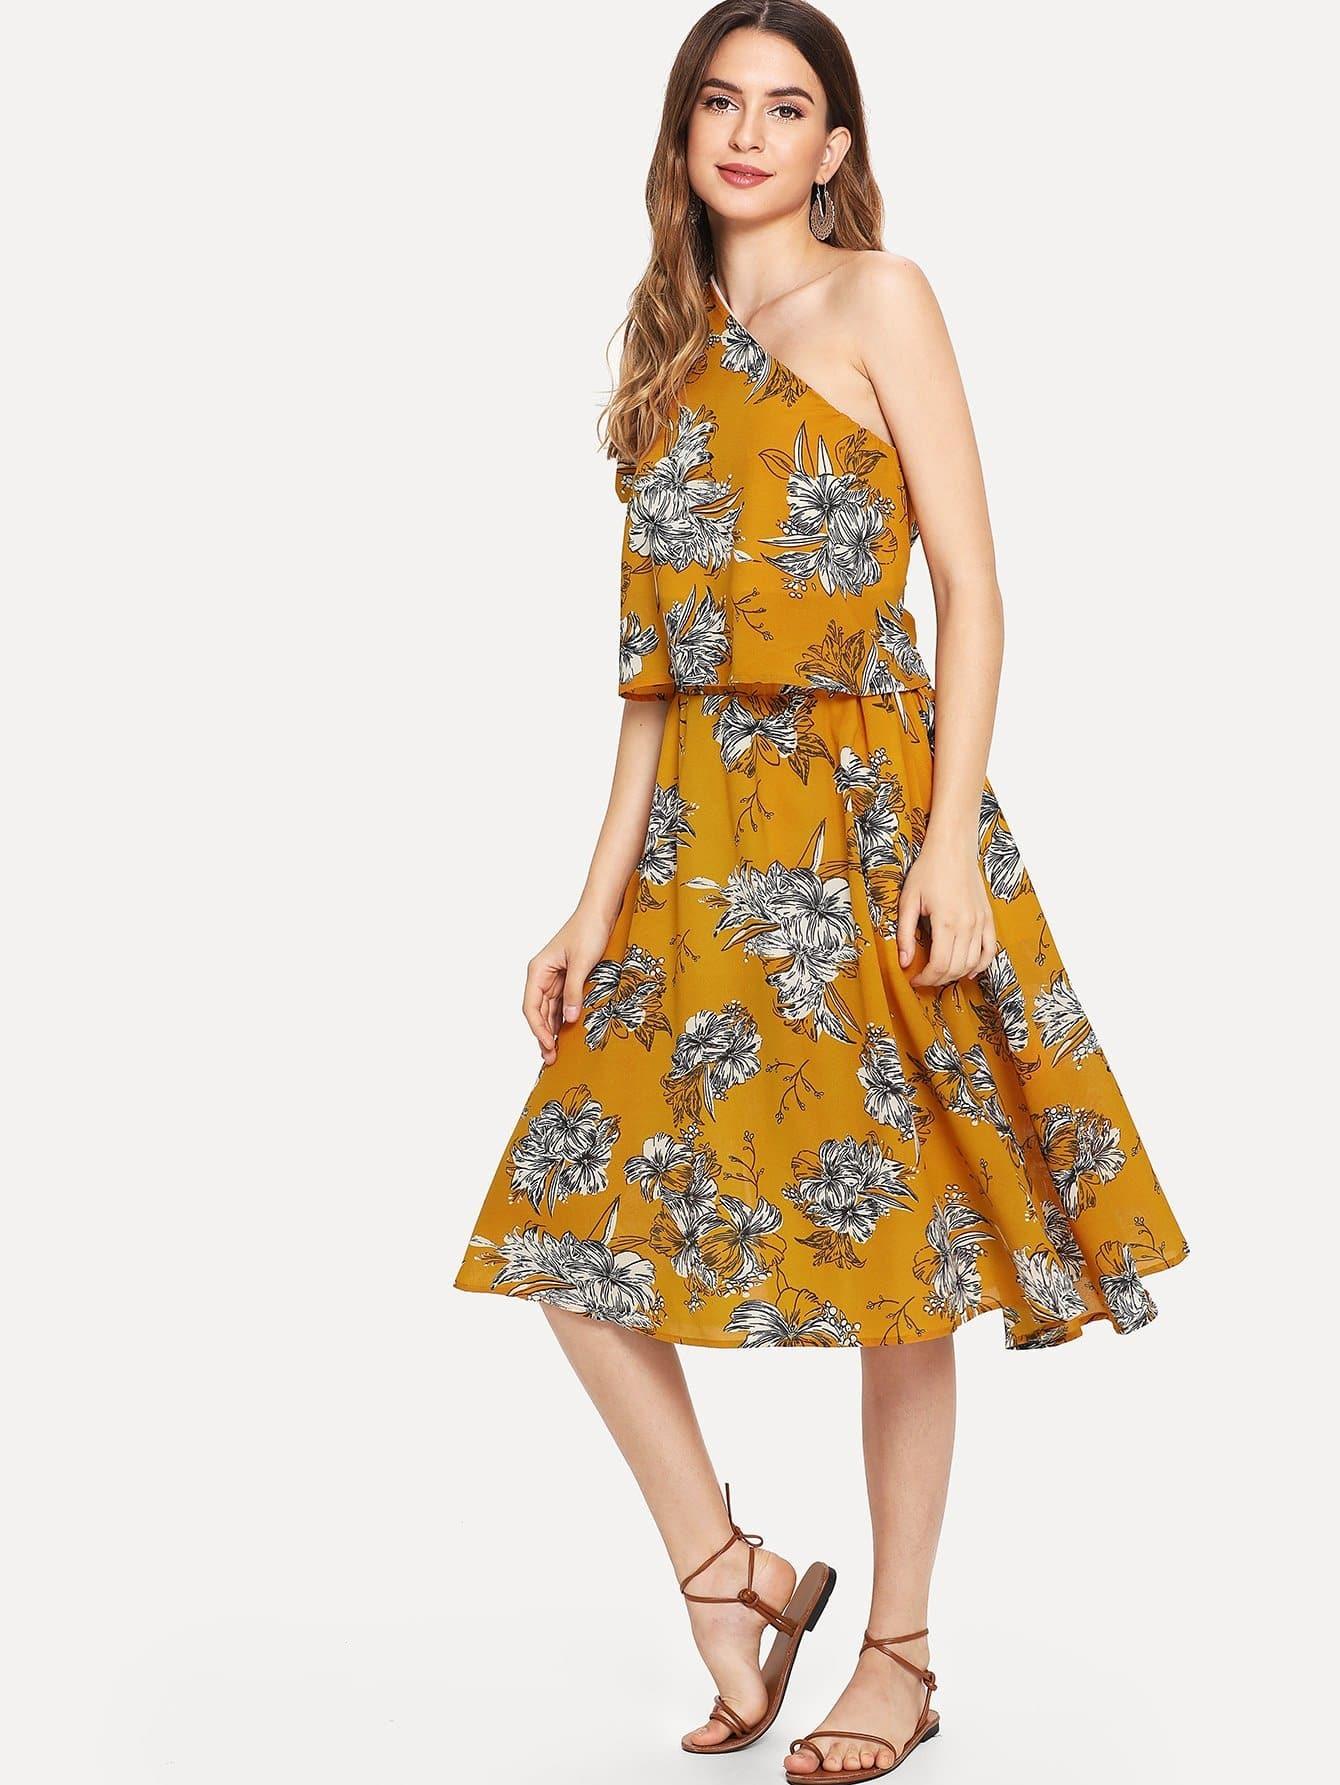 Купить Топ в цветочек с одним плечом и юбка с разрезами, Jana, SheIn